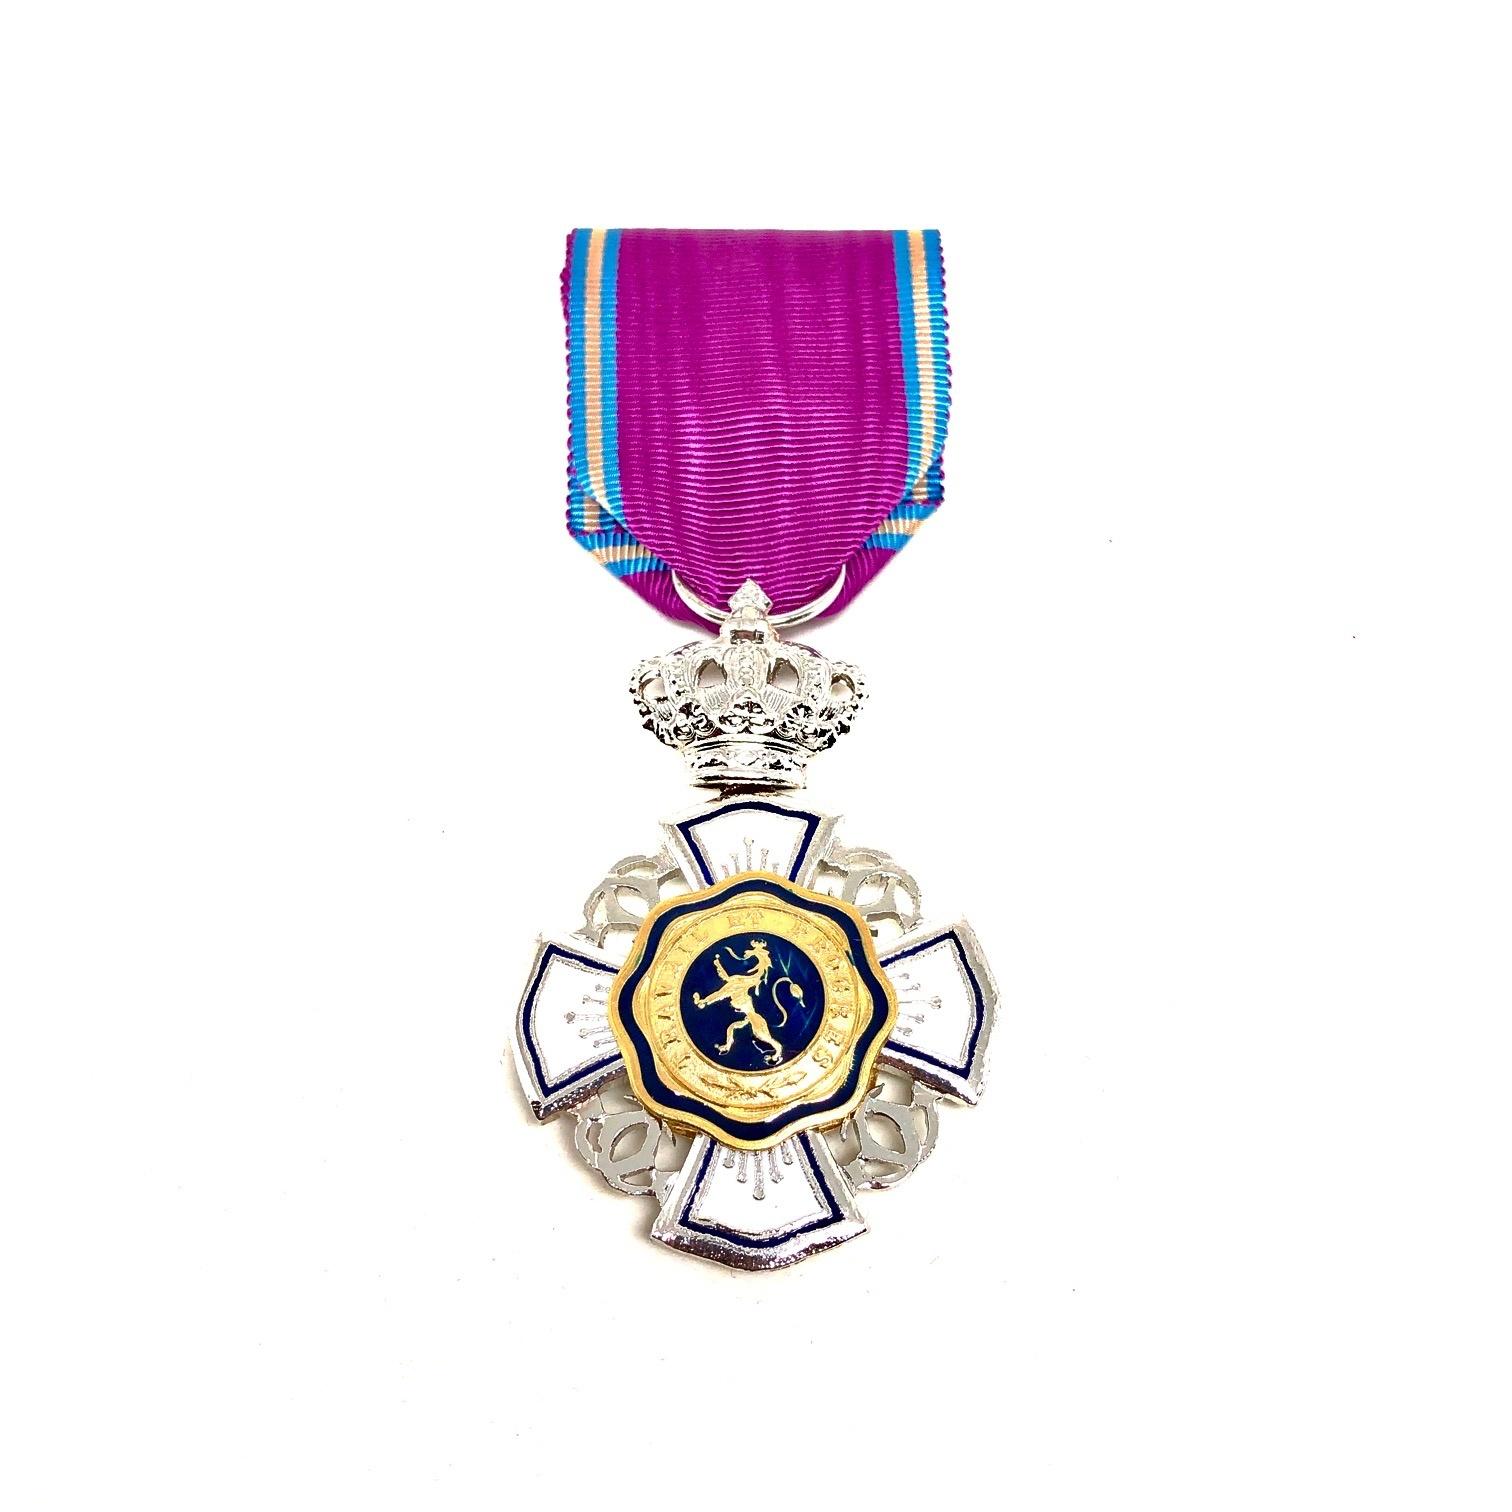 Ridder in de Koninklijke Orde van de Leeuw